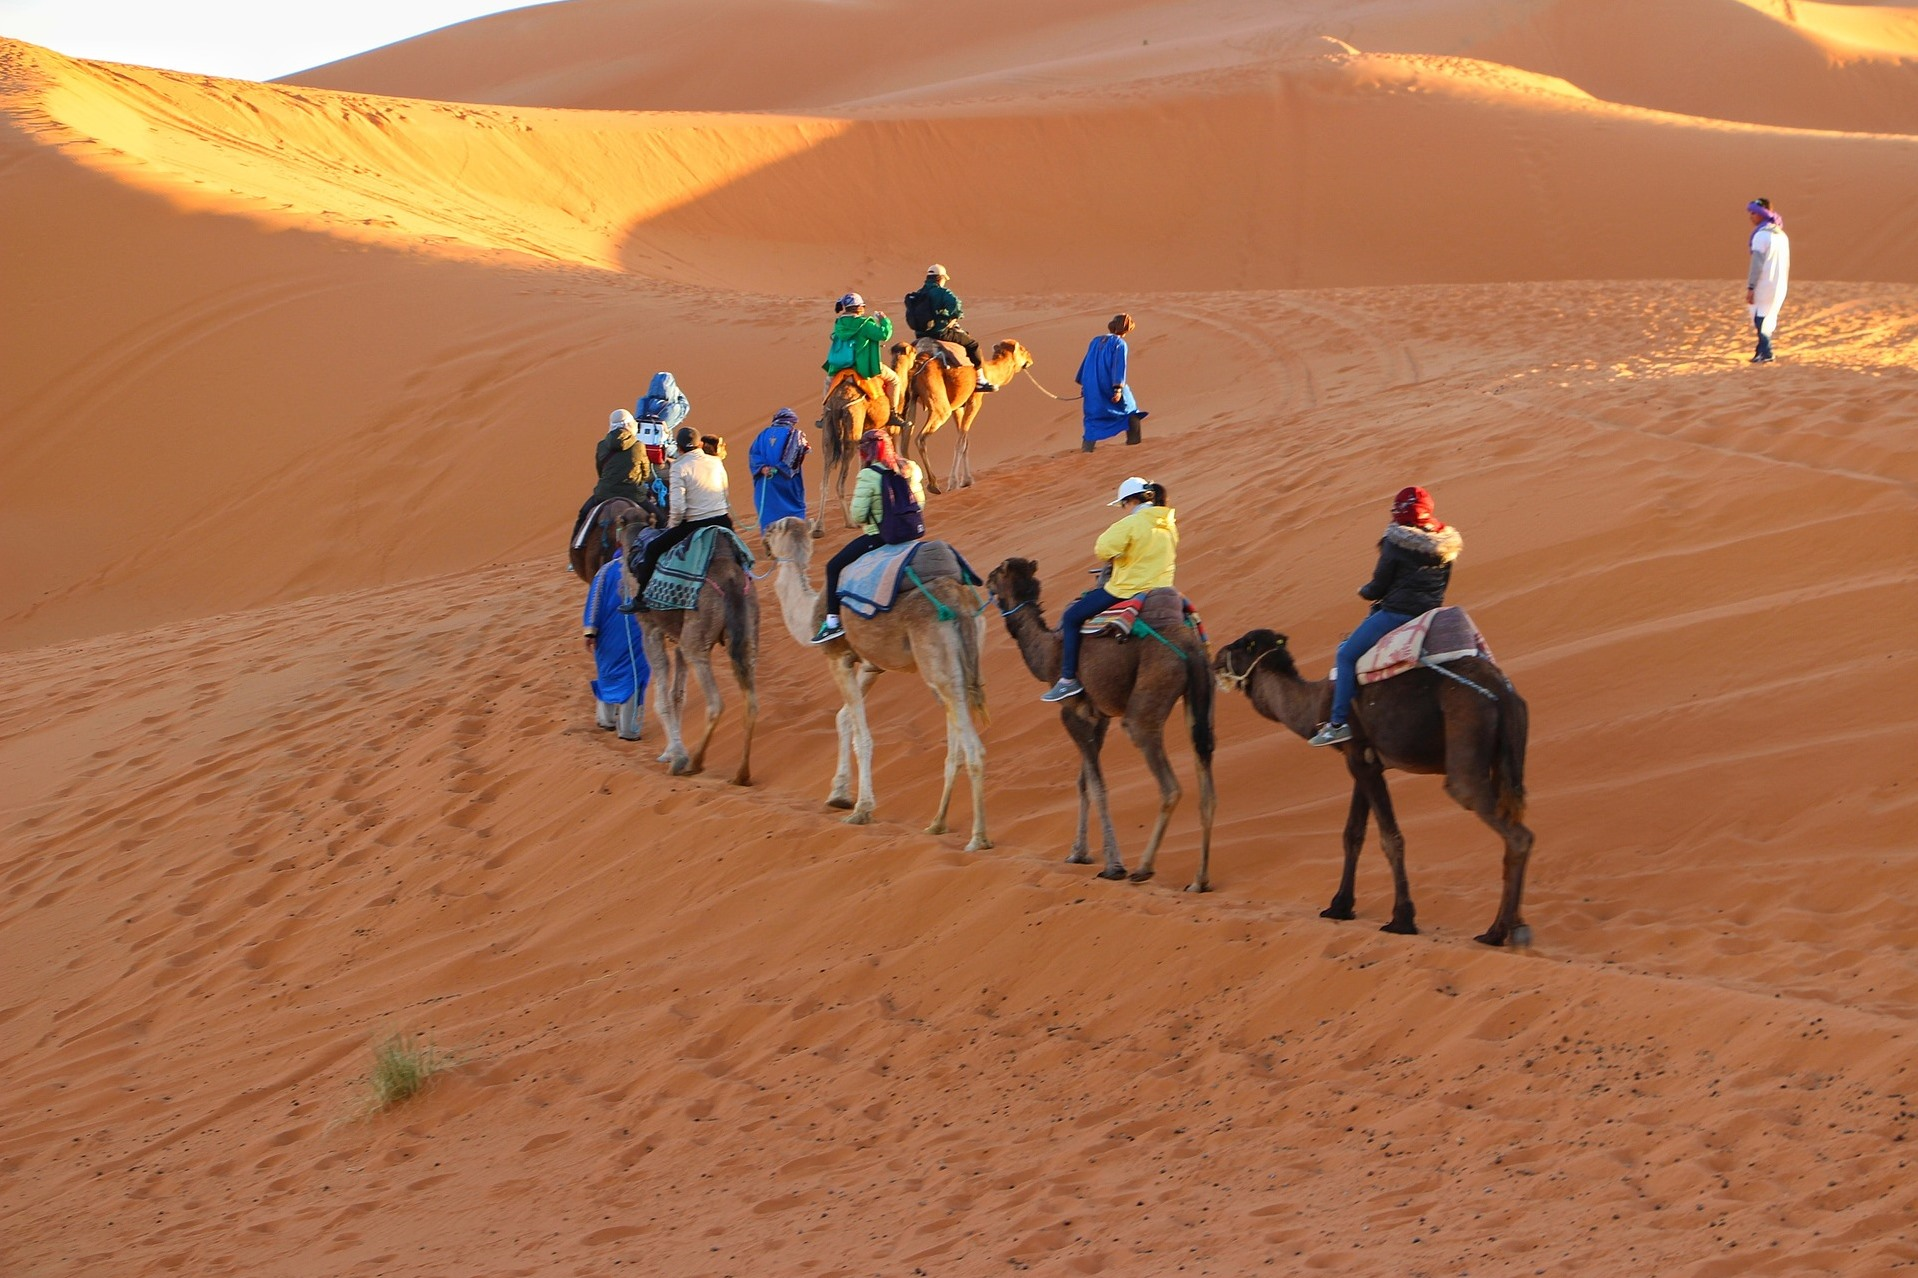 Camel ride in Jaisalmer